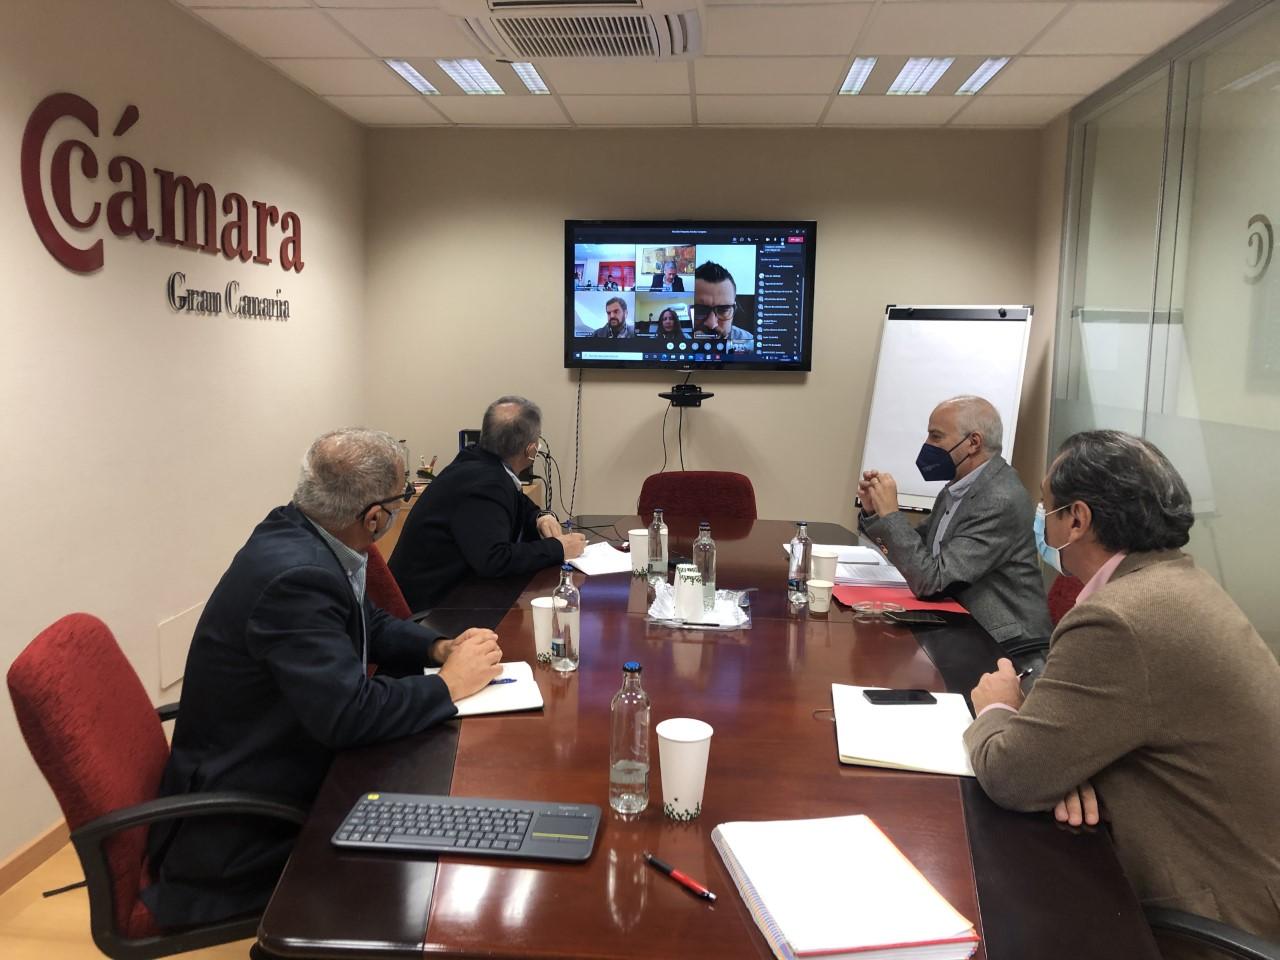 Jesús León, Francisco Rubio, Miguel Angel Acosta y Santiago de Armas, durante la reunión